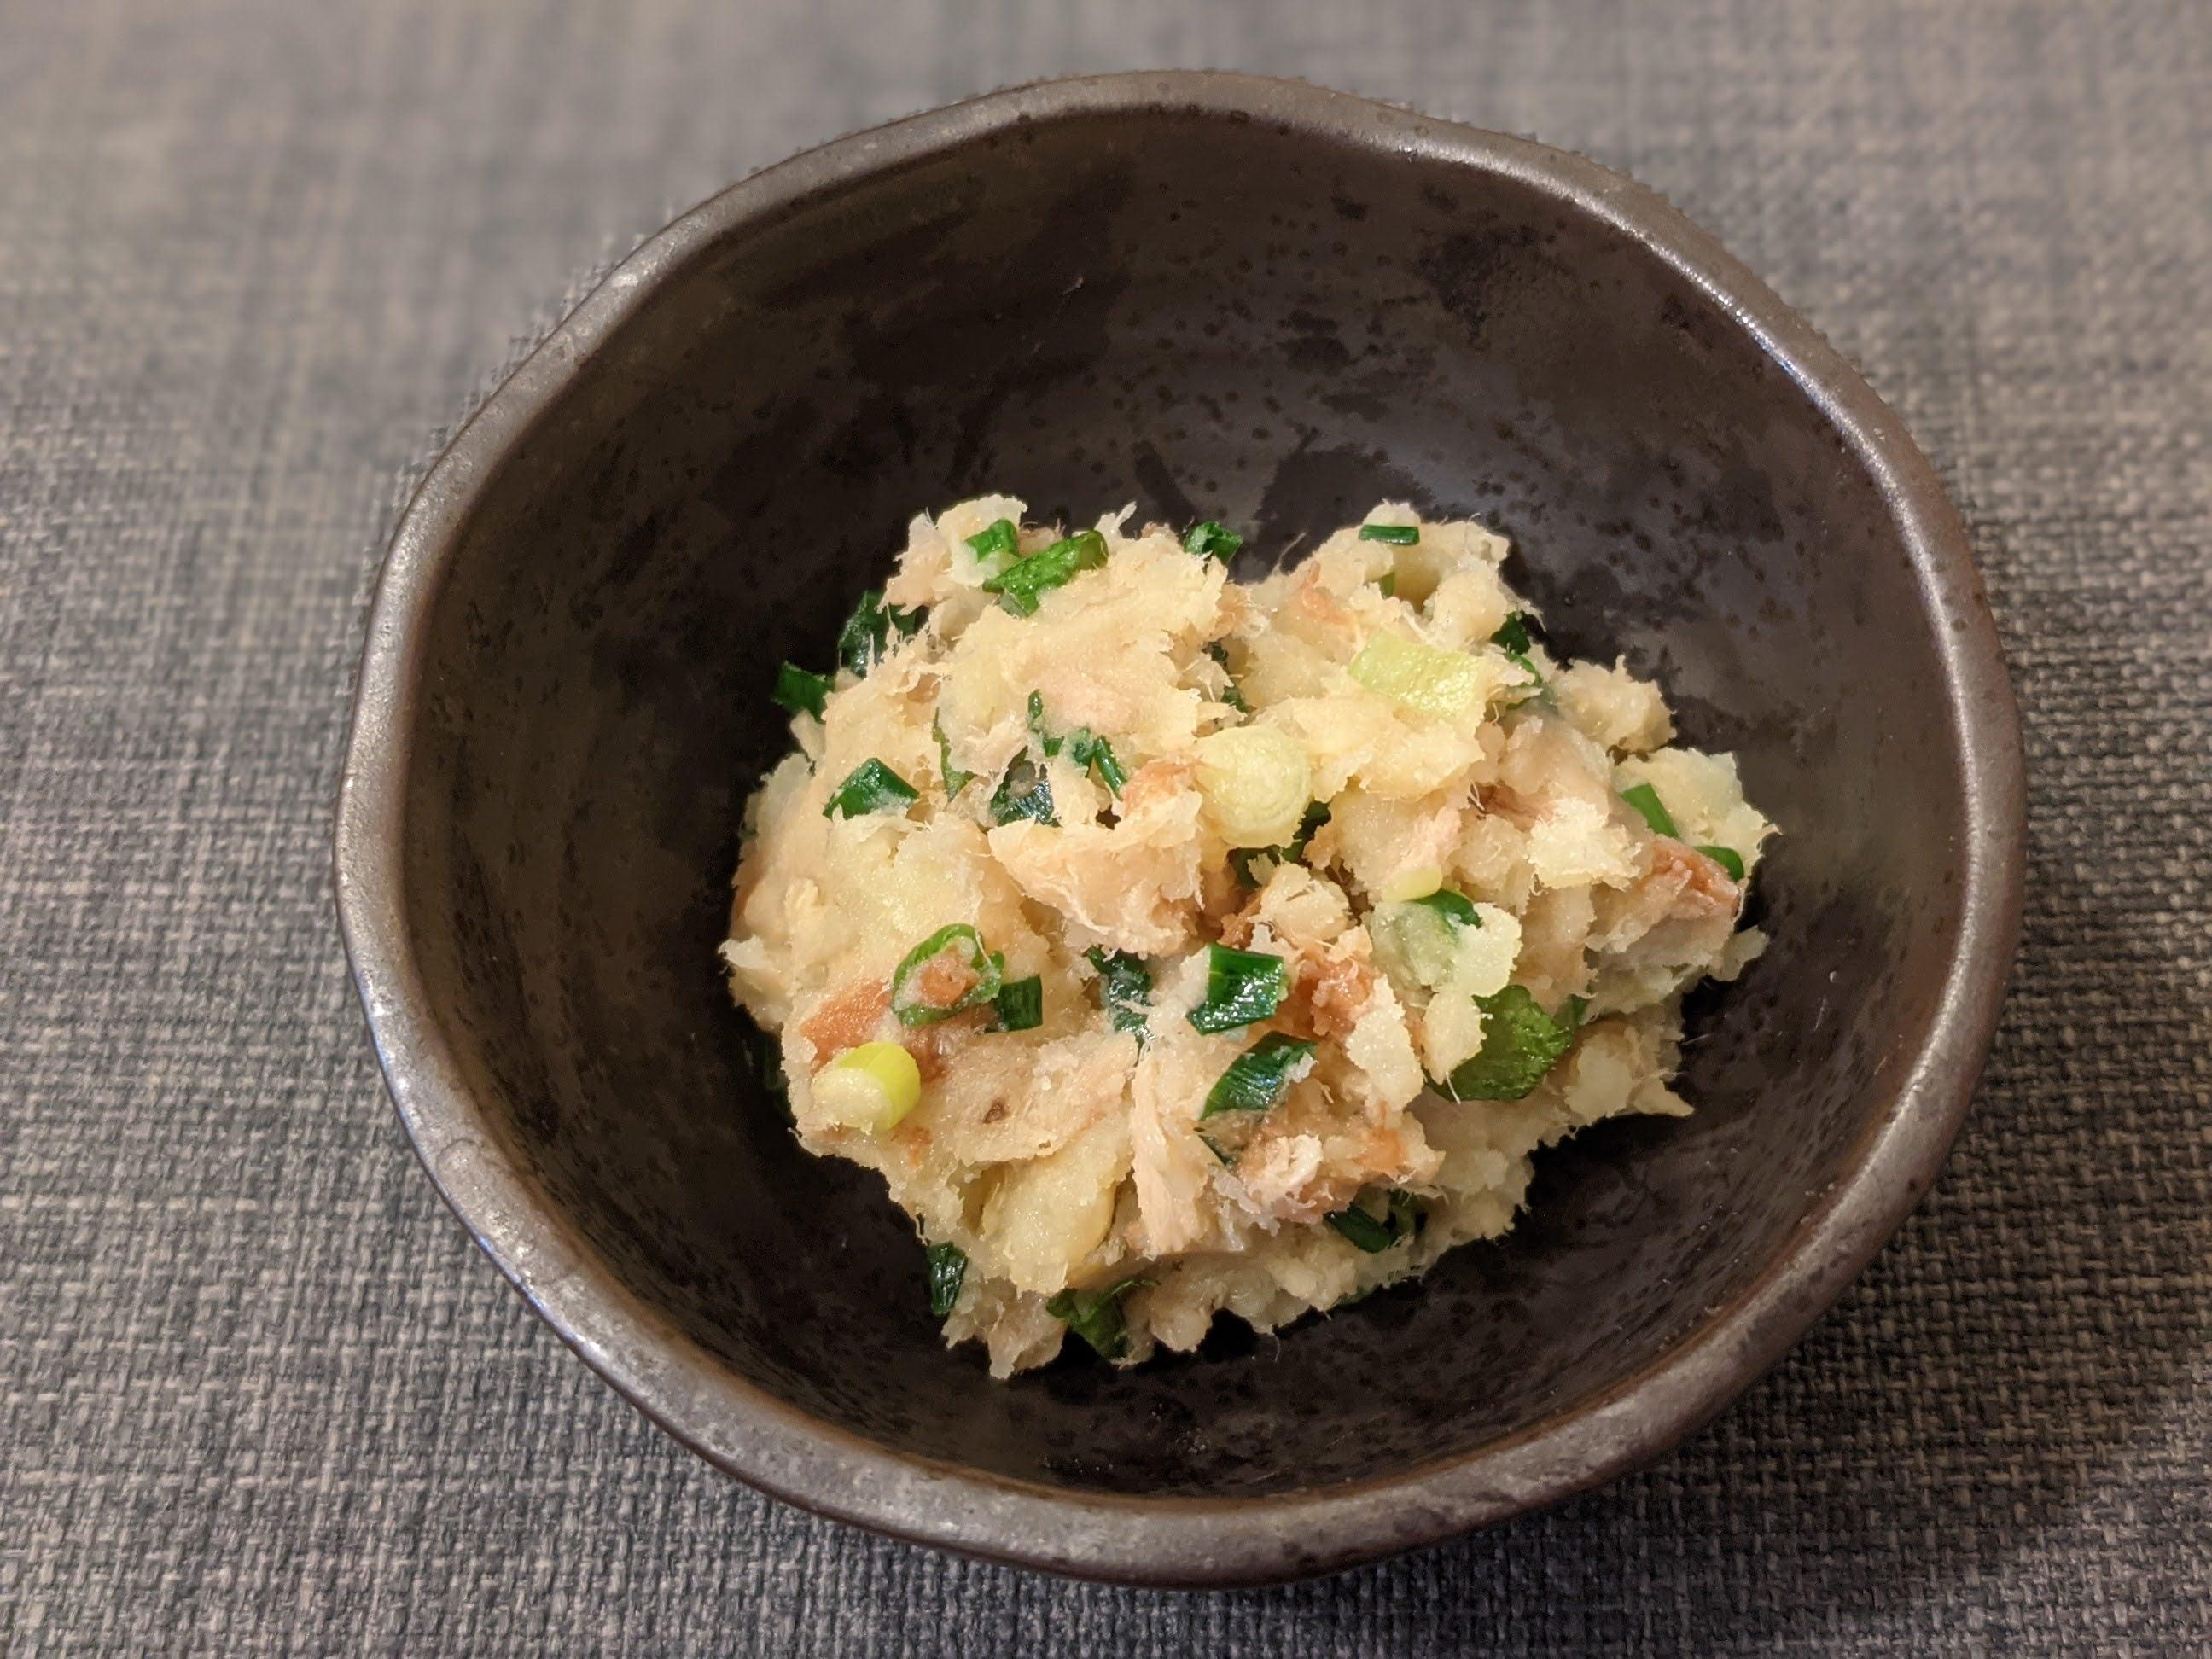 志麻 さん ポテト サラダ 志麻さんのレシピ89品まとめ。沸騰ワード10の伝説の家政婦料理。